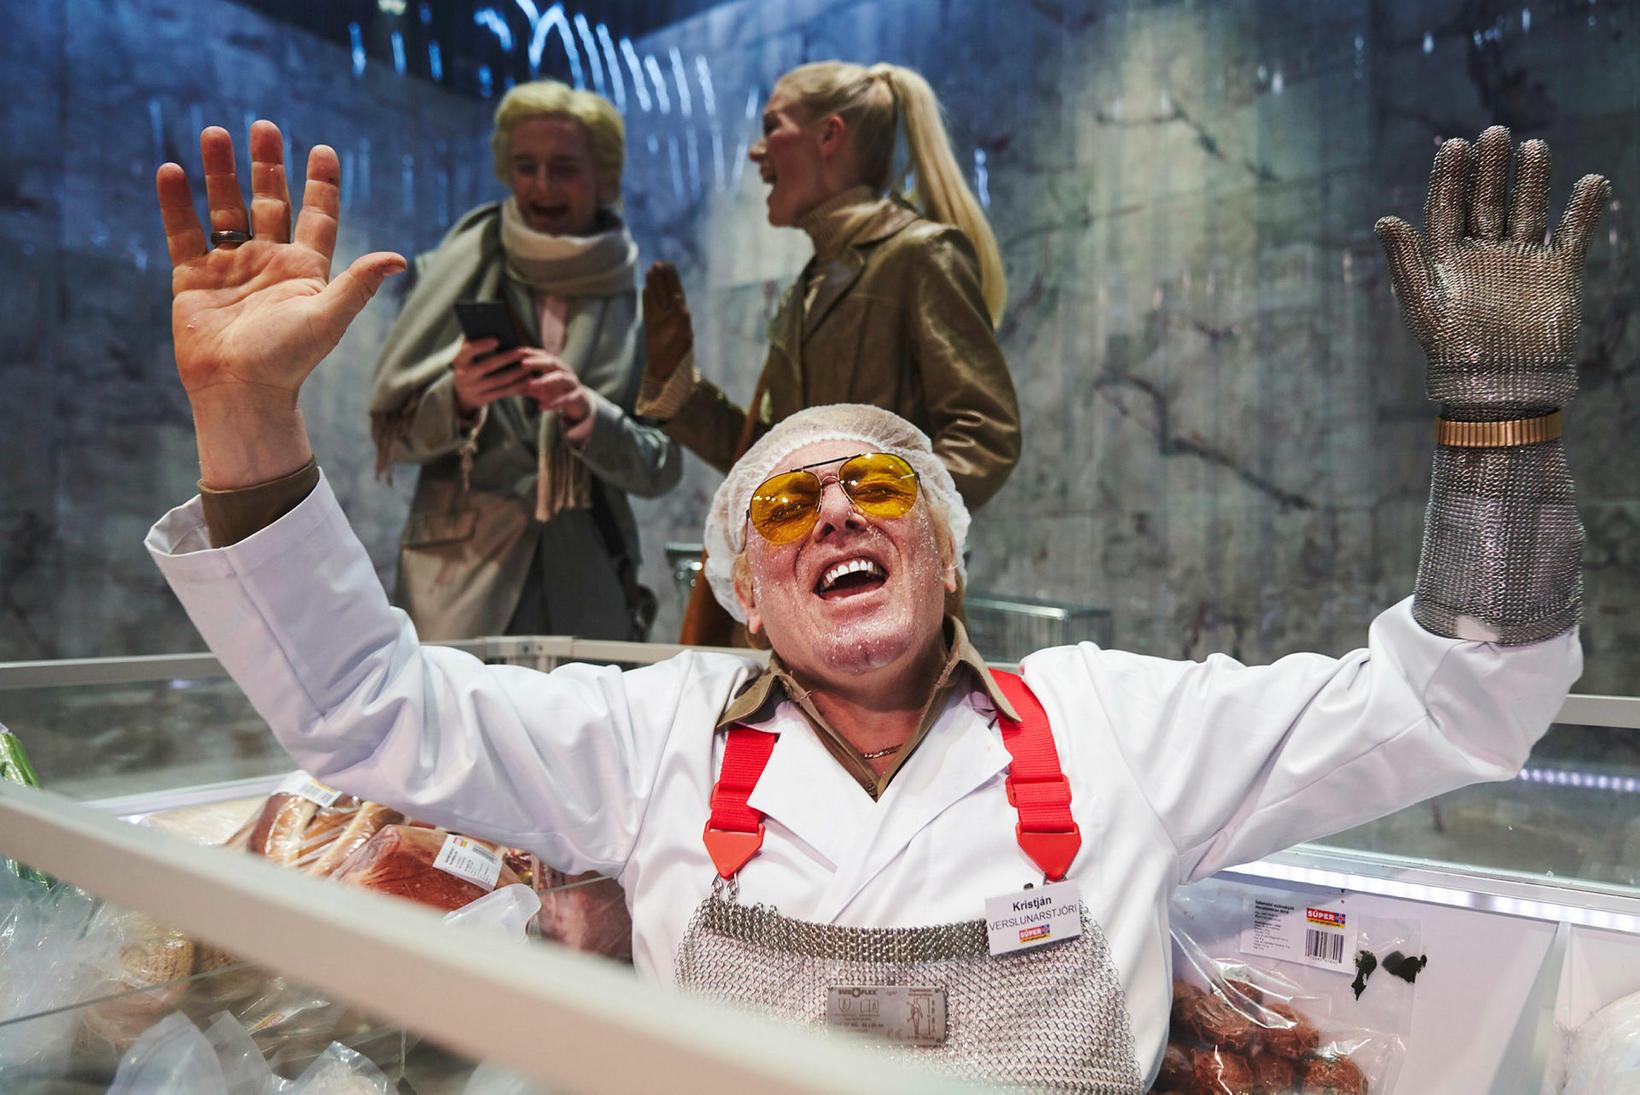 Jón Gnarr hefur mikla reynslu af leiklist. Hér er hann …